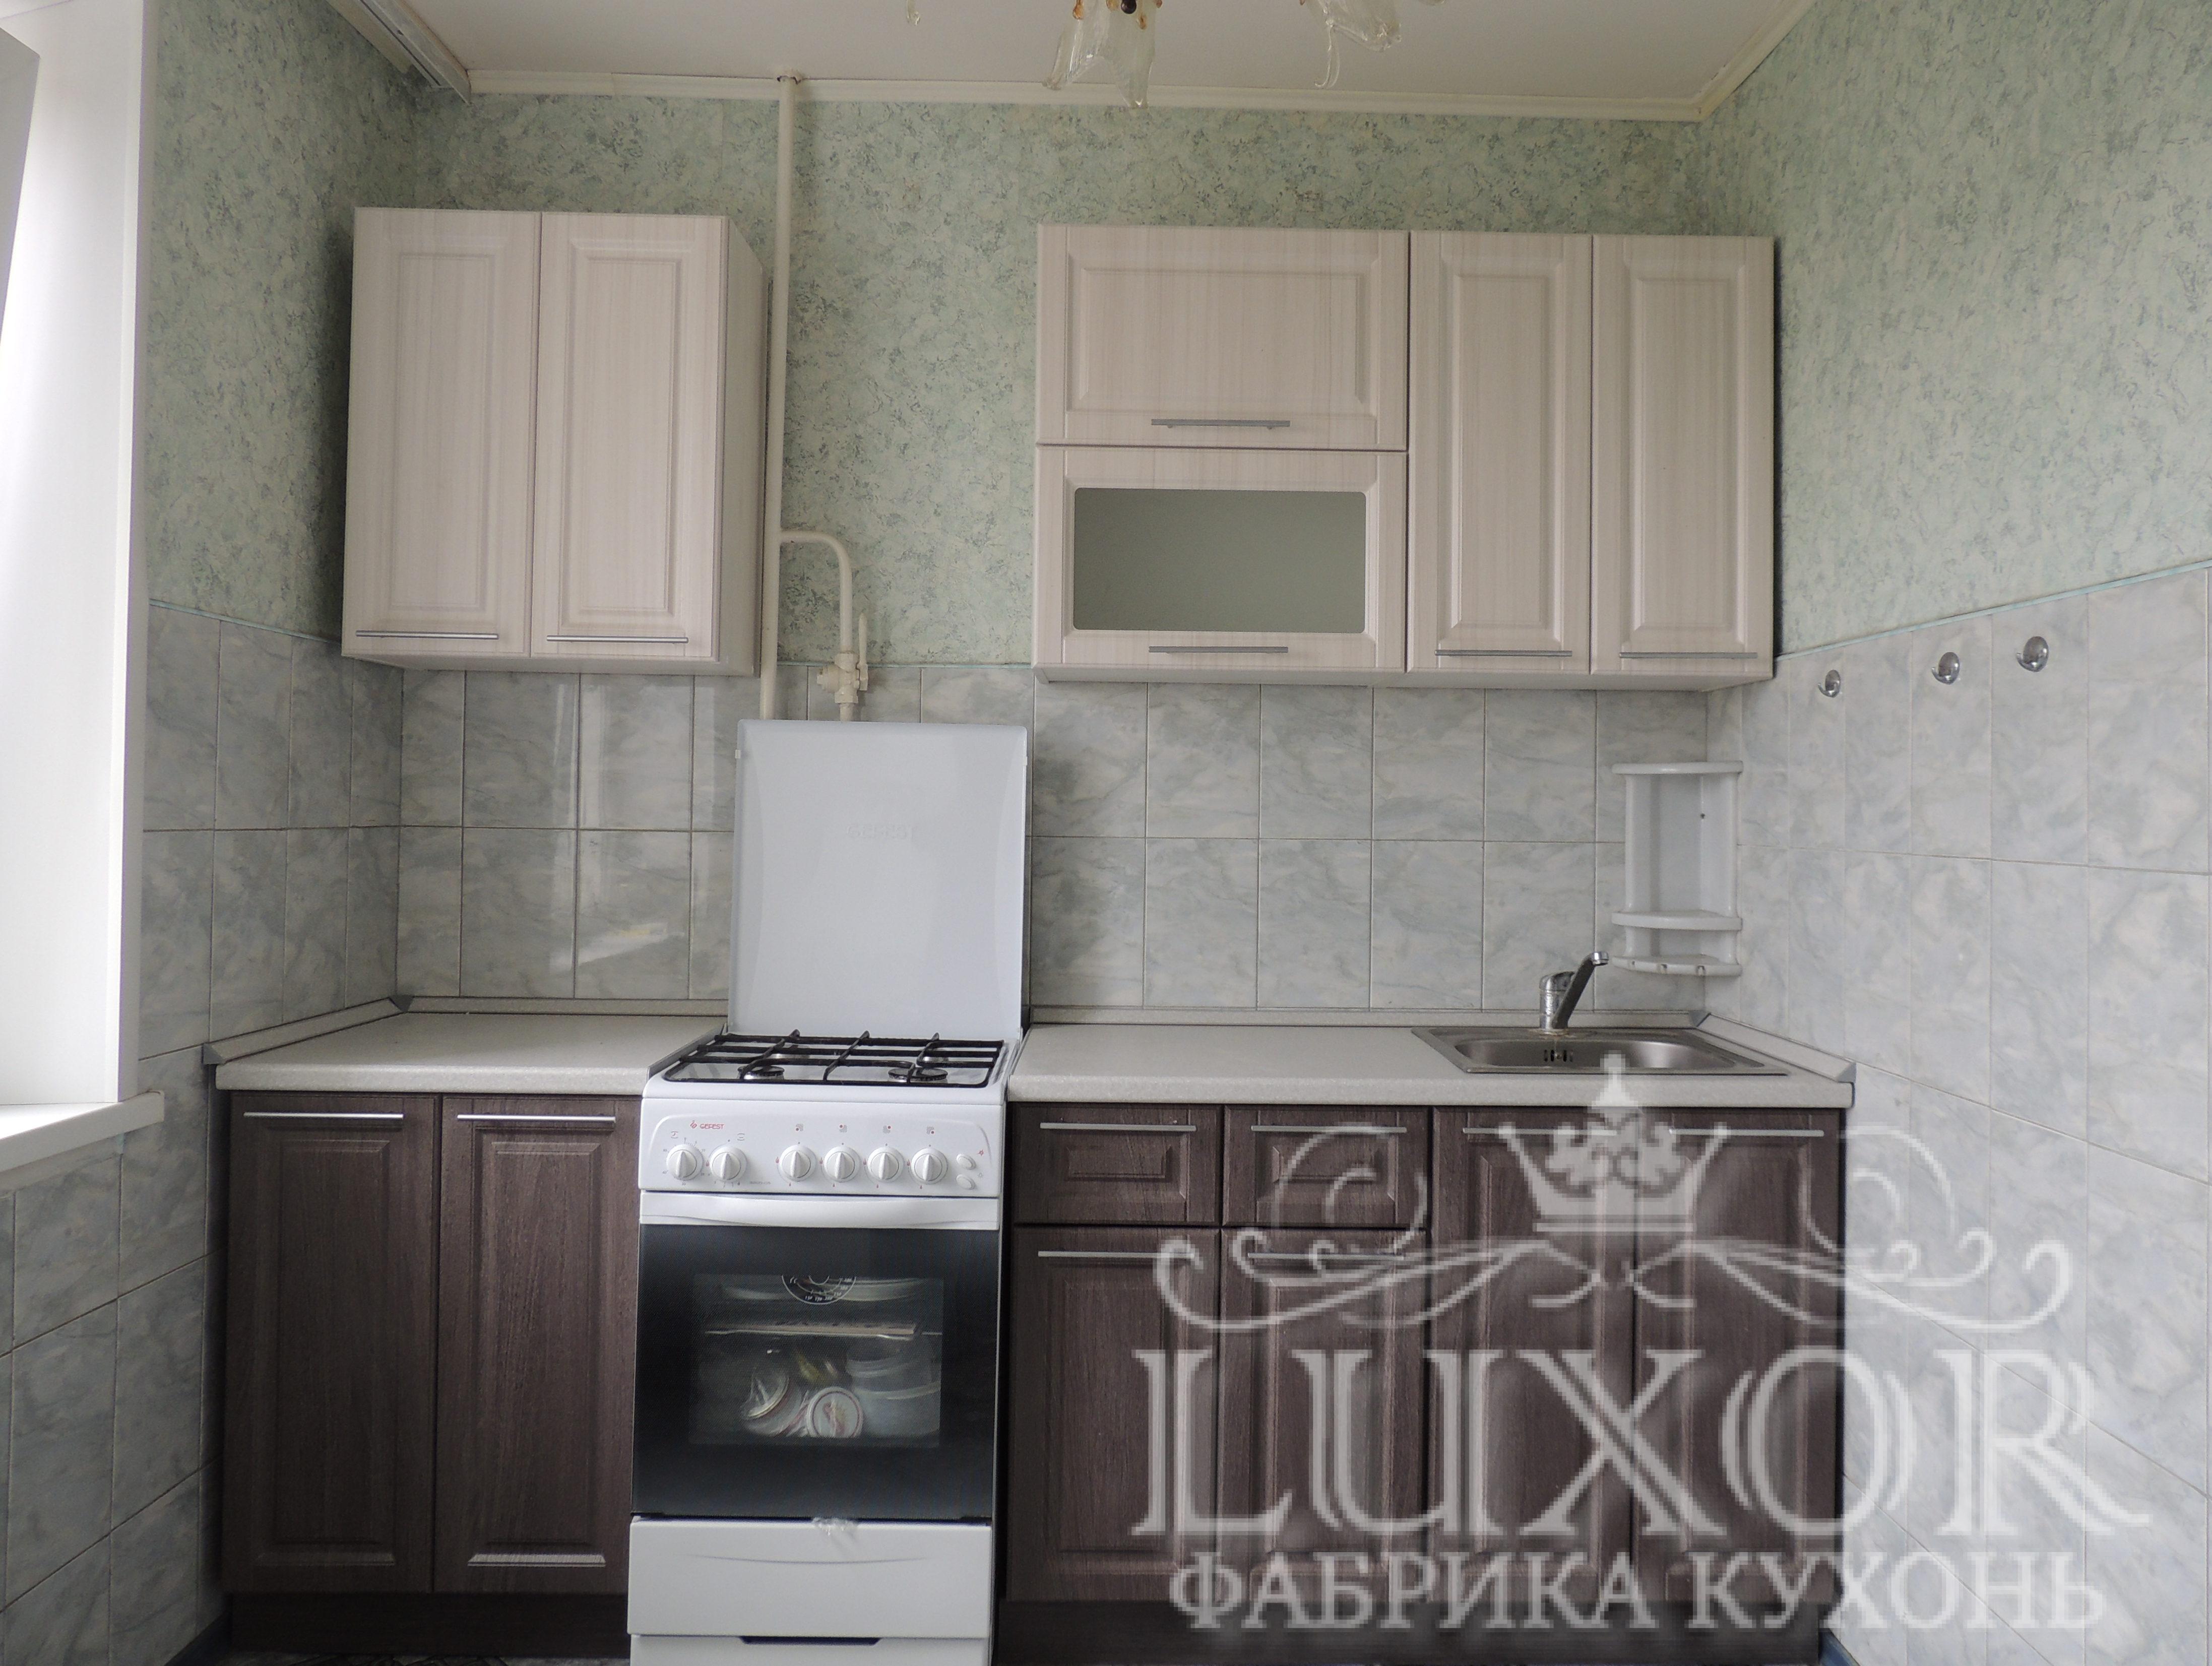 Кухня Лейла - изображение